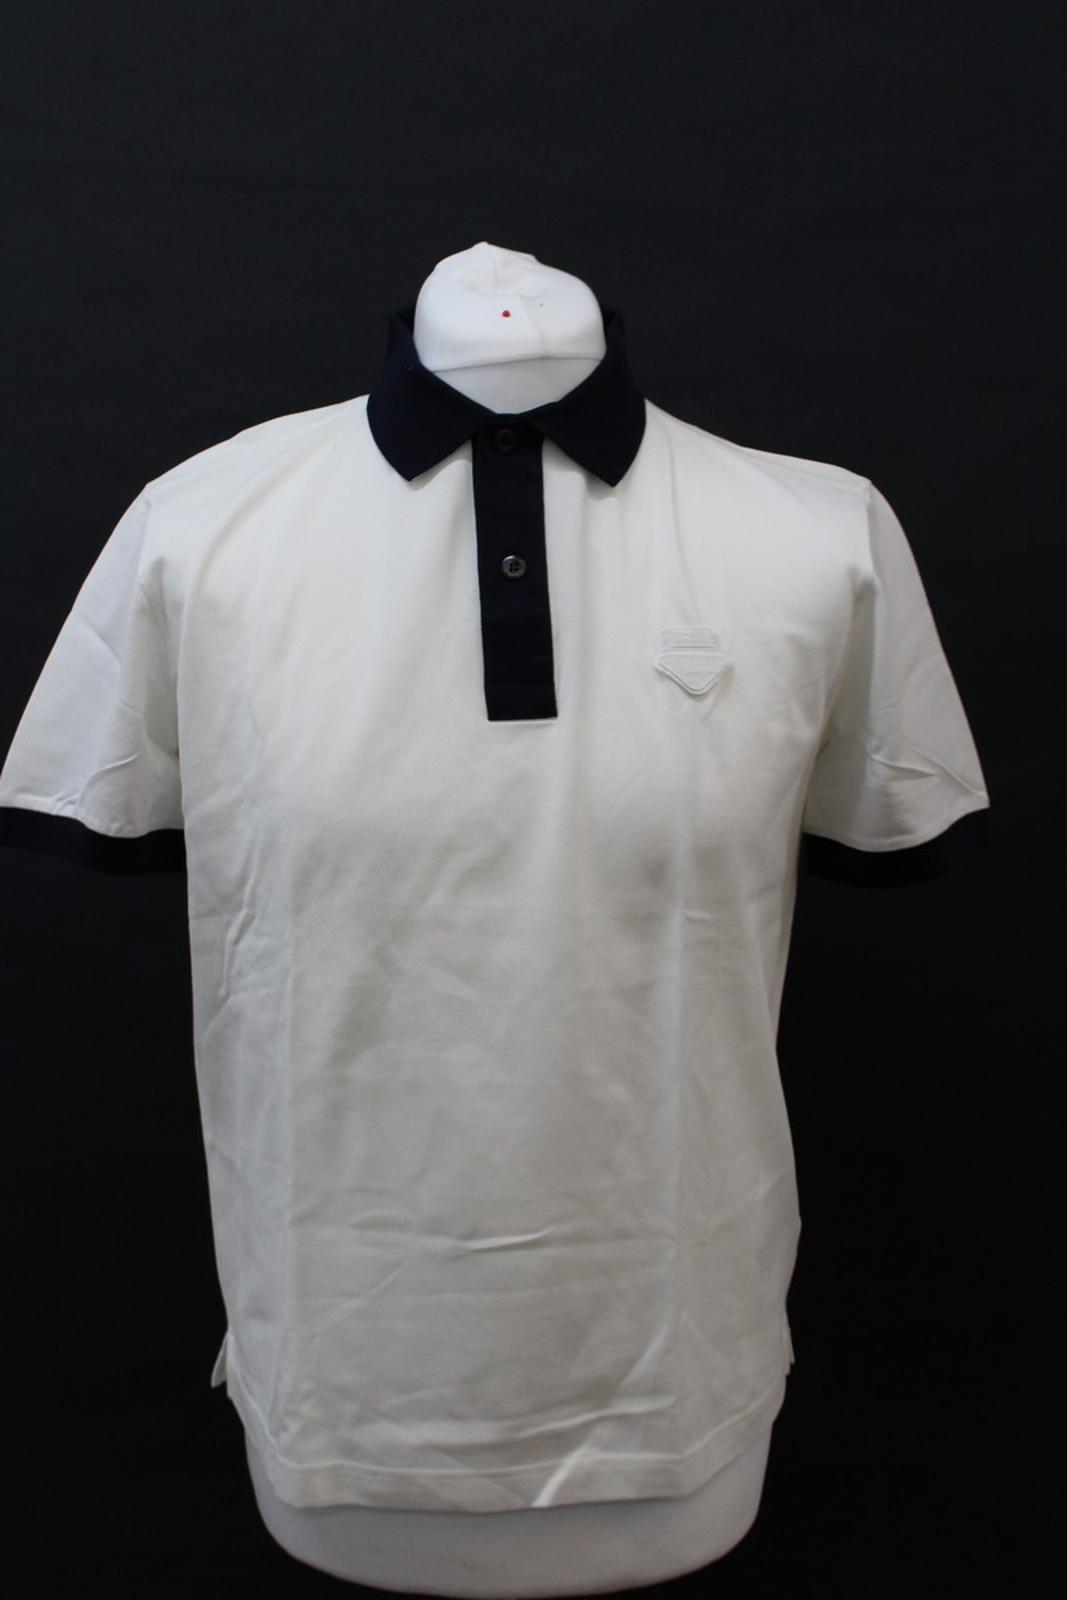 PRADA-Uomo-Avorio-Blu-Navy-Cotone-Maniche-Corte-Con-Colletto-Collo-Polo-XL miniatura 7